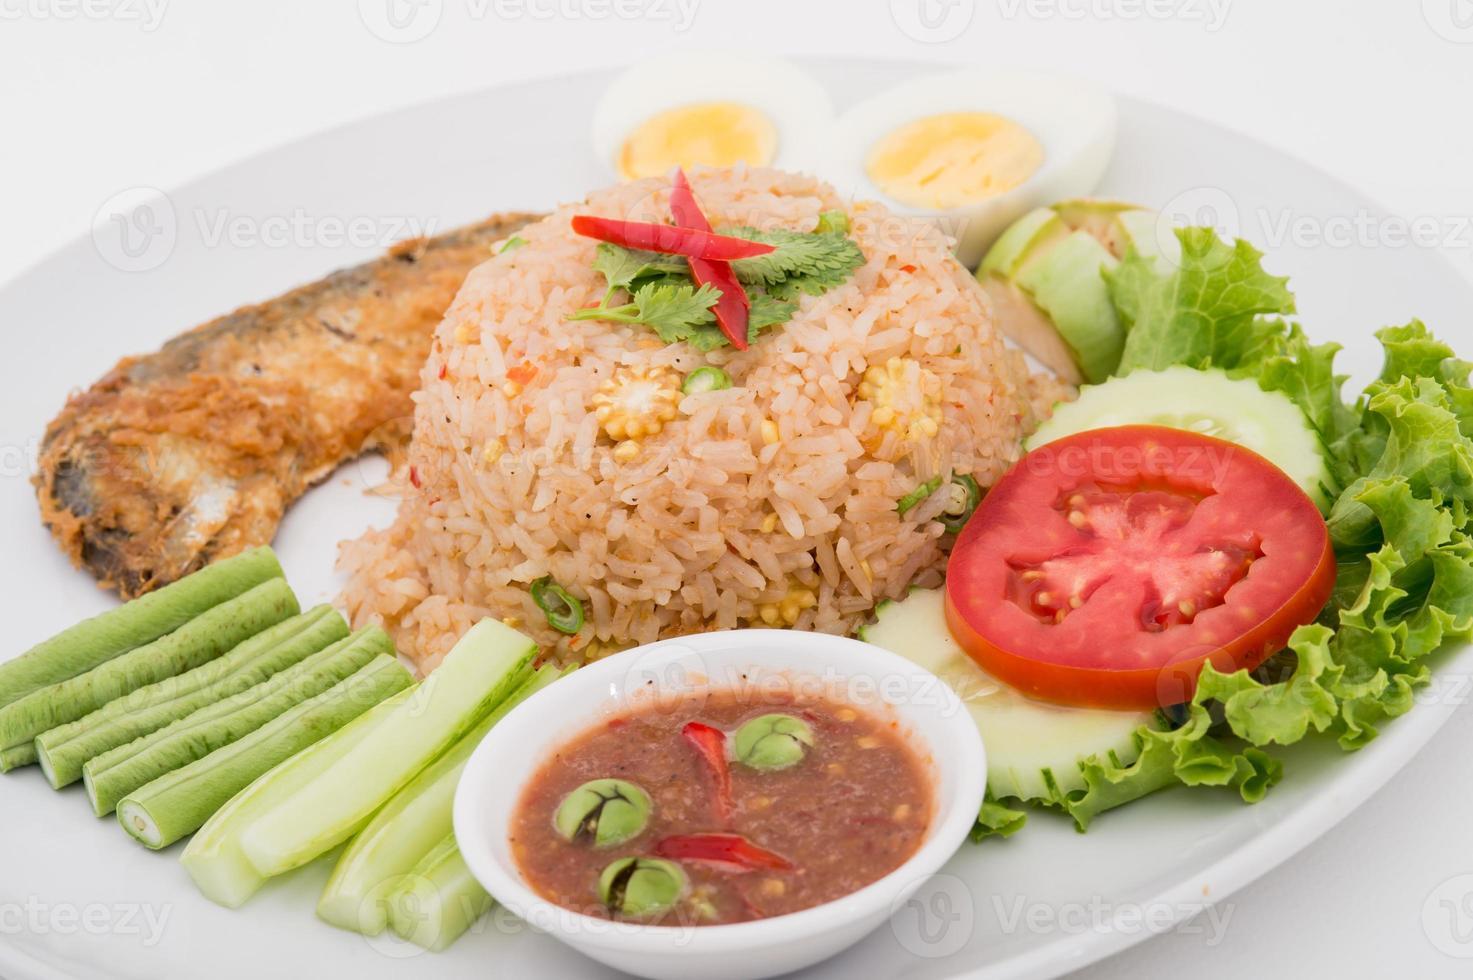 chilipasta met gebakken makreel en plantaardig Thais eten foto